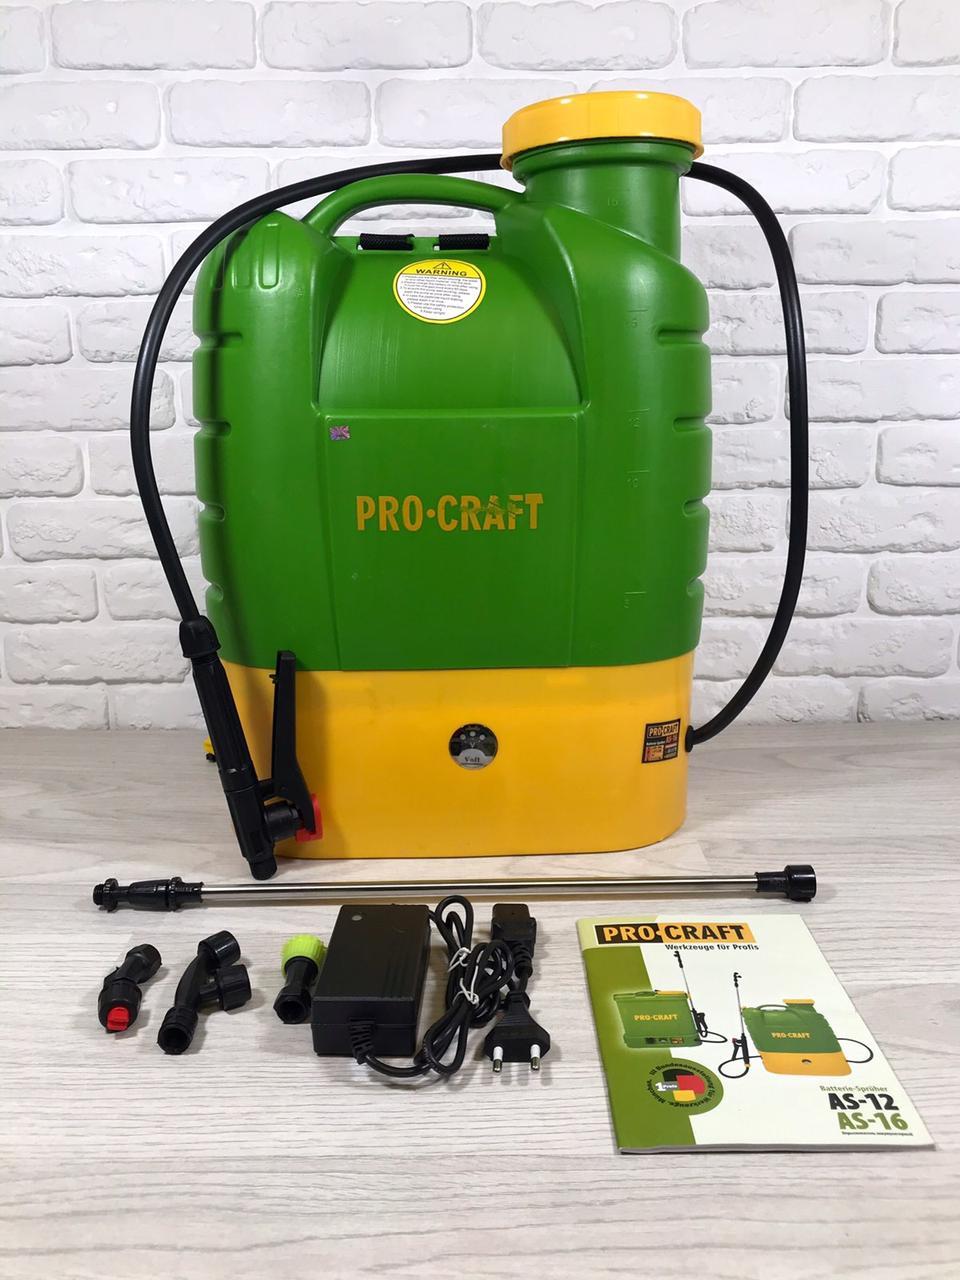 Аккумуляторный садовый опрыскиватель Procraft AS-16 Professional (16л, 12Ач.)